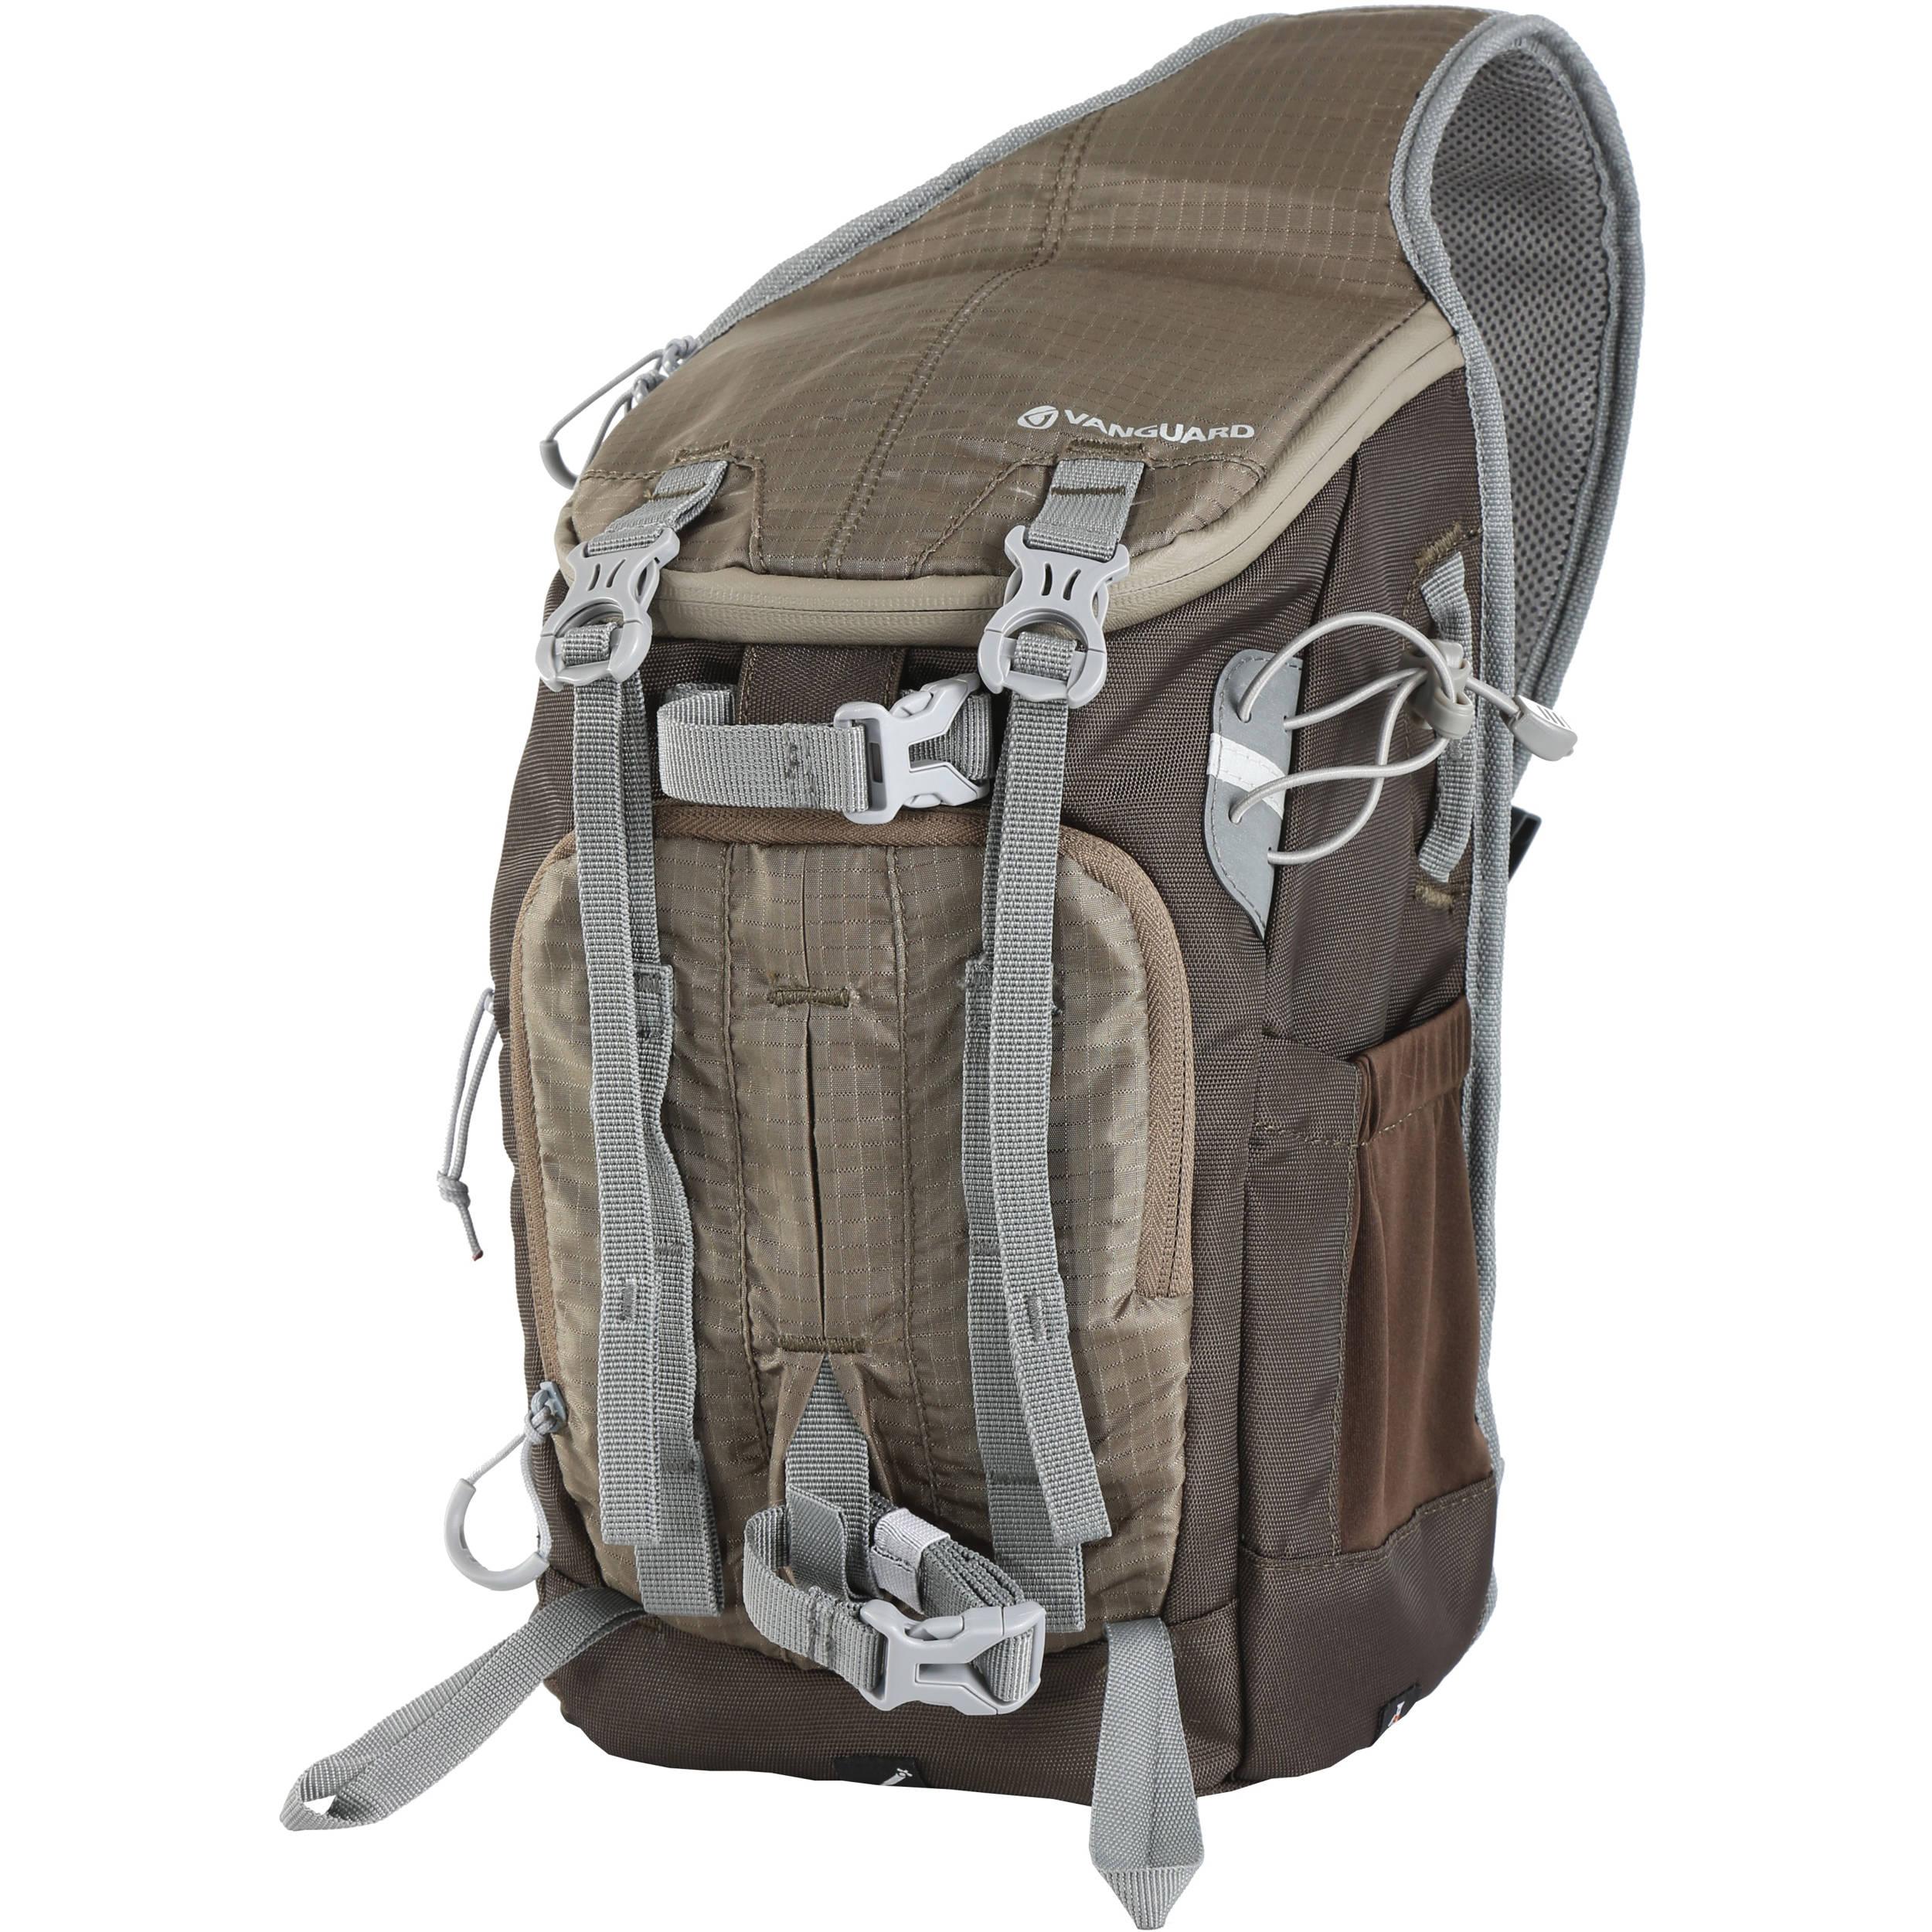 Vanguard Sedona 43 DSLR Sling Bag (Khaki Green) SEDONA 43KG B&H